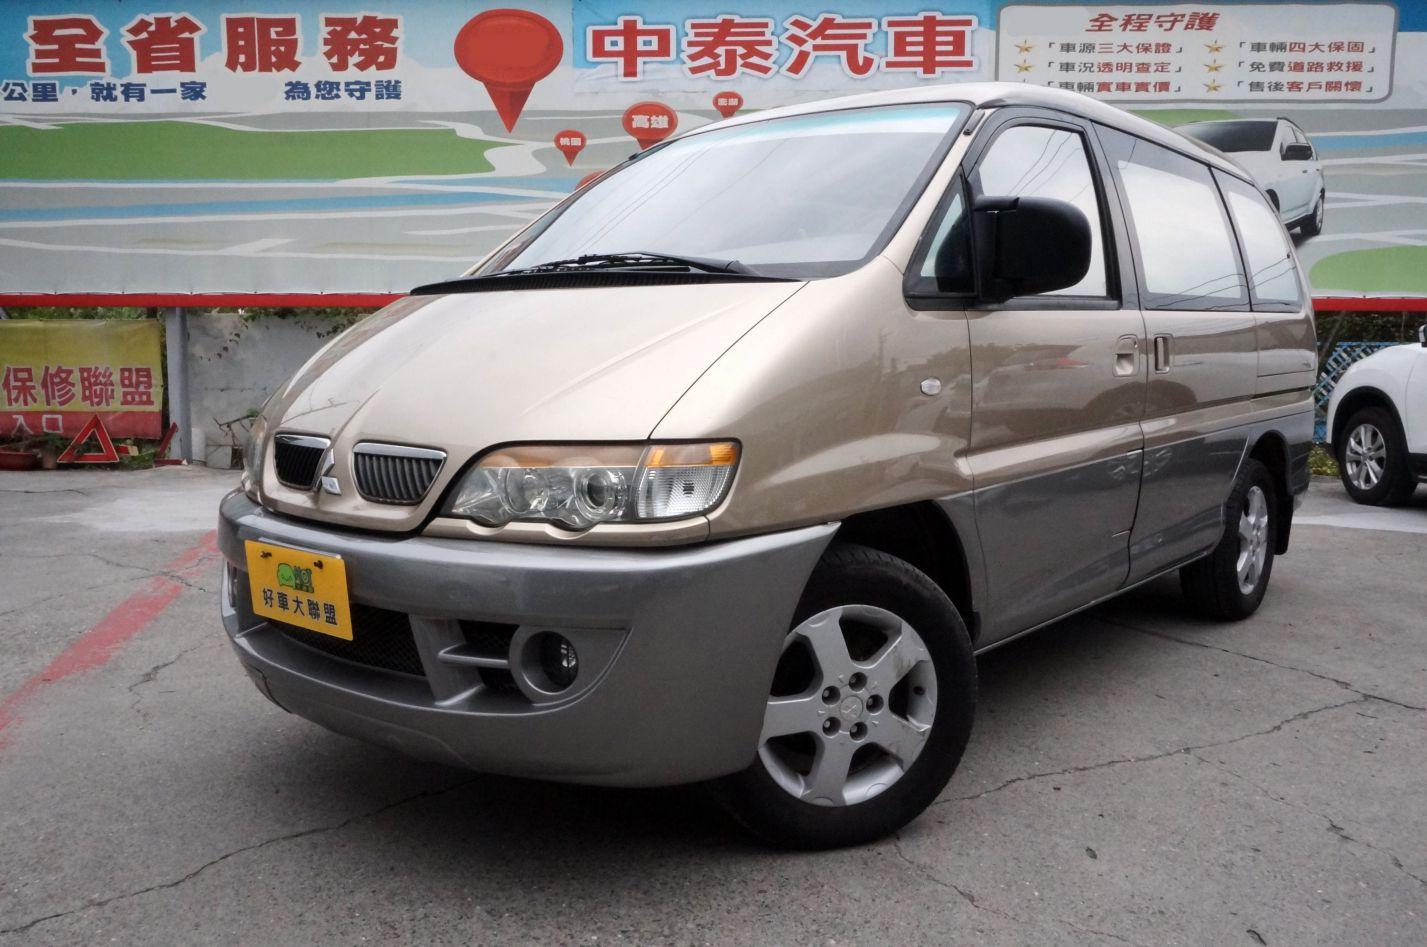 2005 Mitsubishi 三菱 Space gear